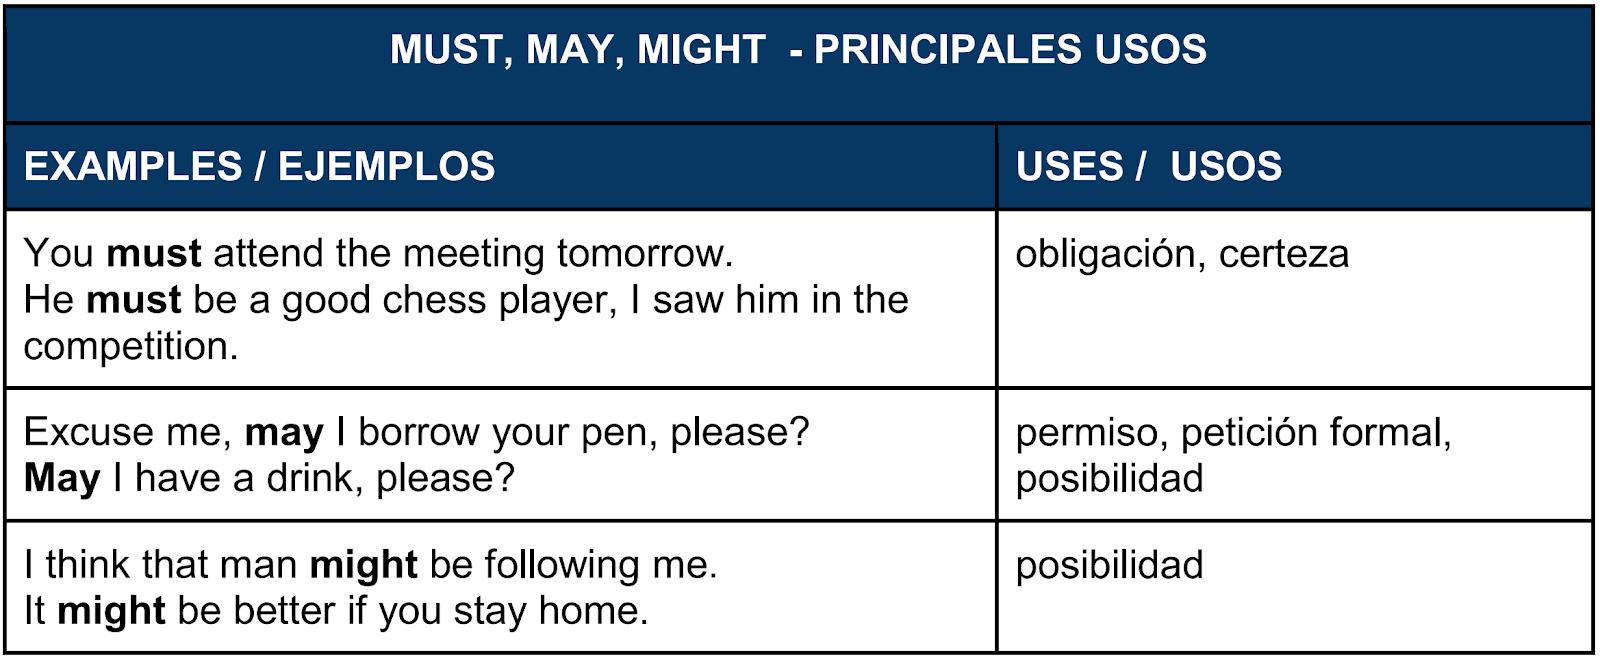 Los verbos modales pueden significar obligación, certeza, petición, posibilidad, etc